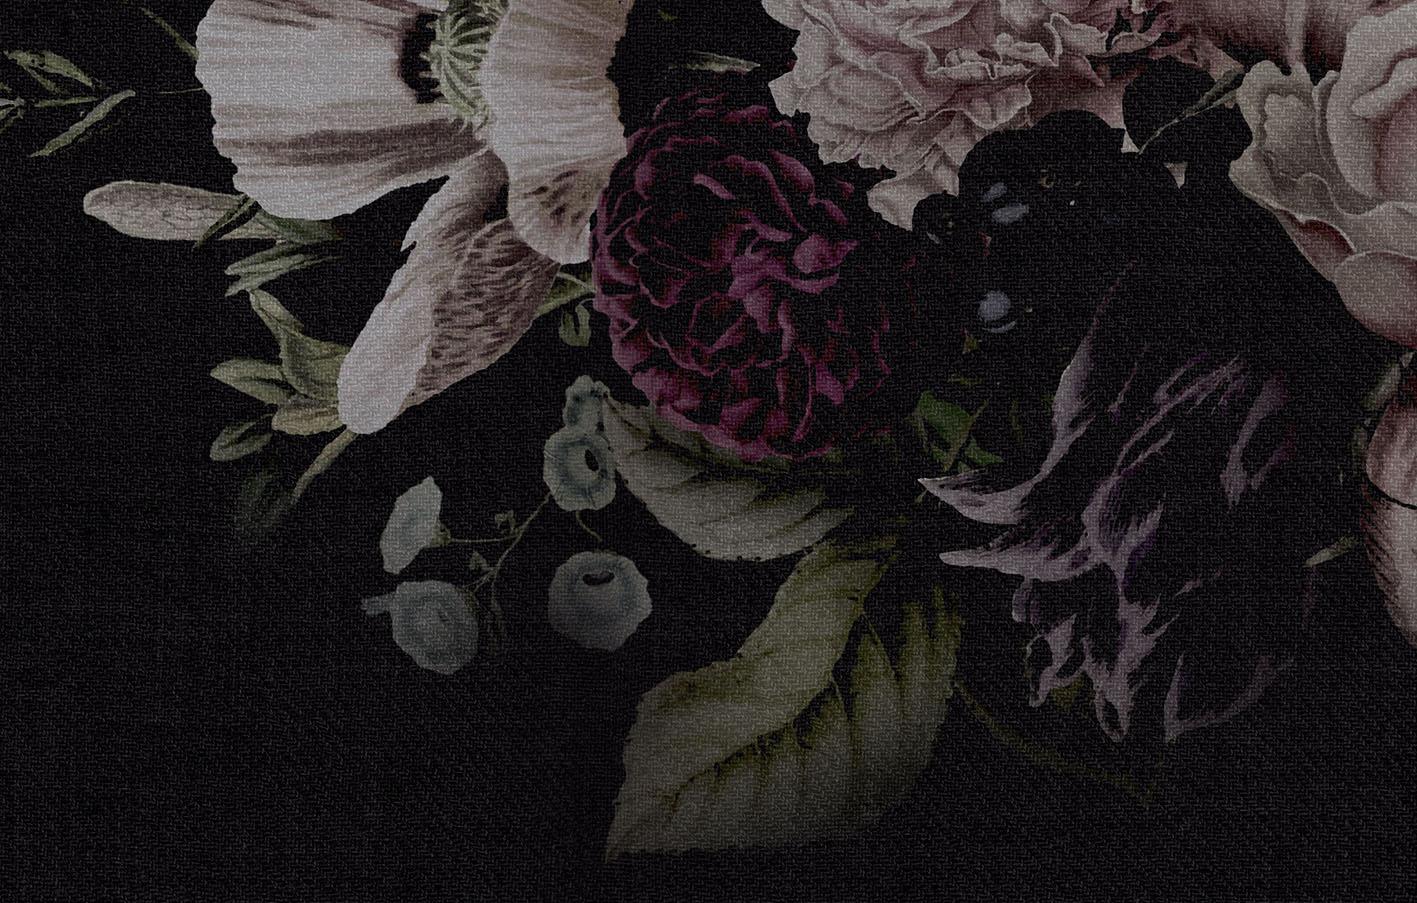 Tamno_cvijece_wallpaper